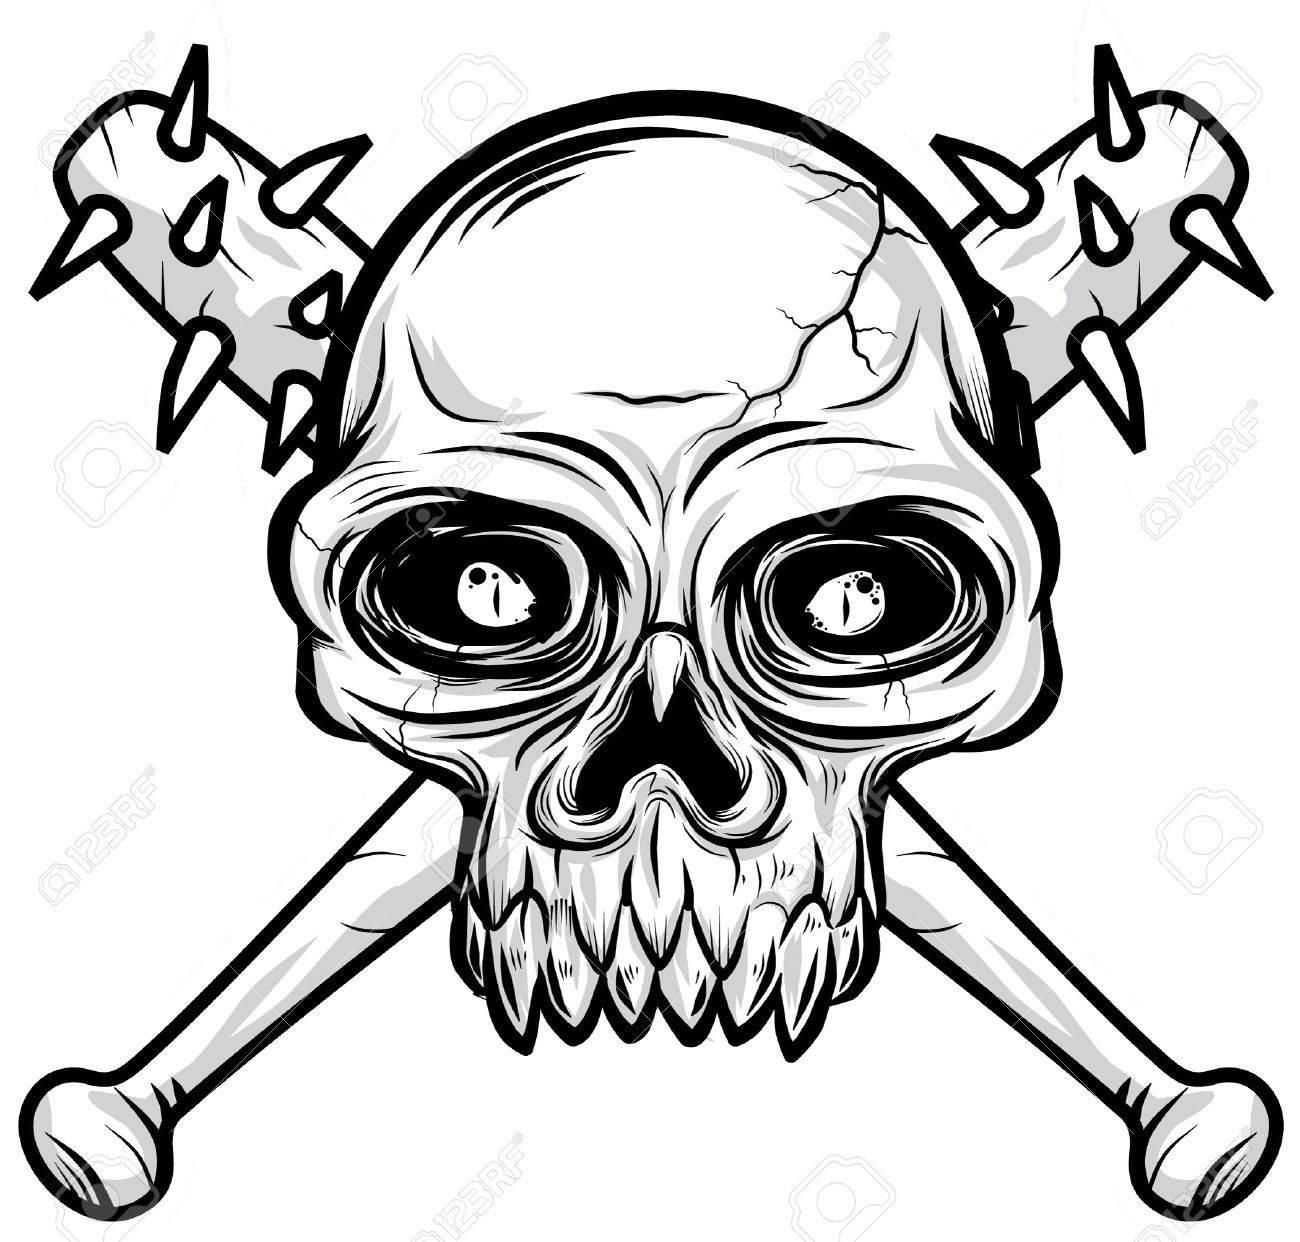 black white Skull head illustration Stock Vector - 11079380